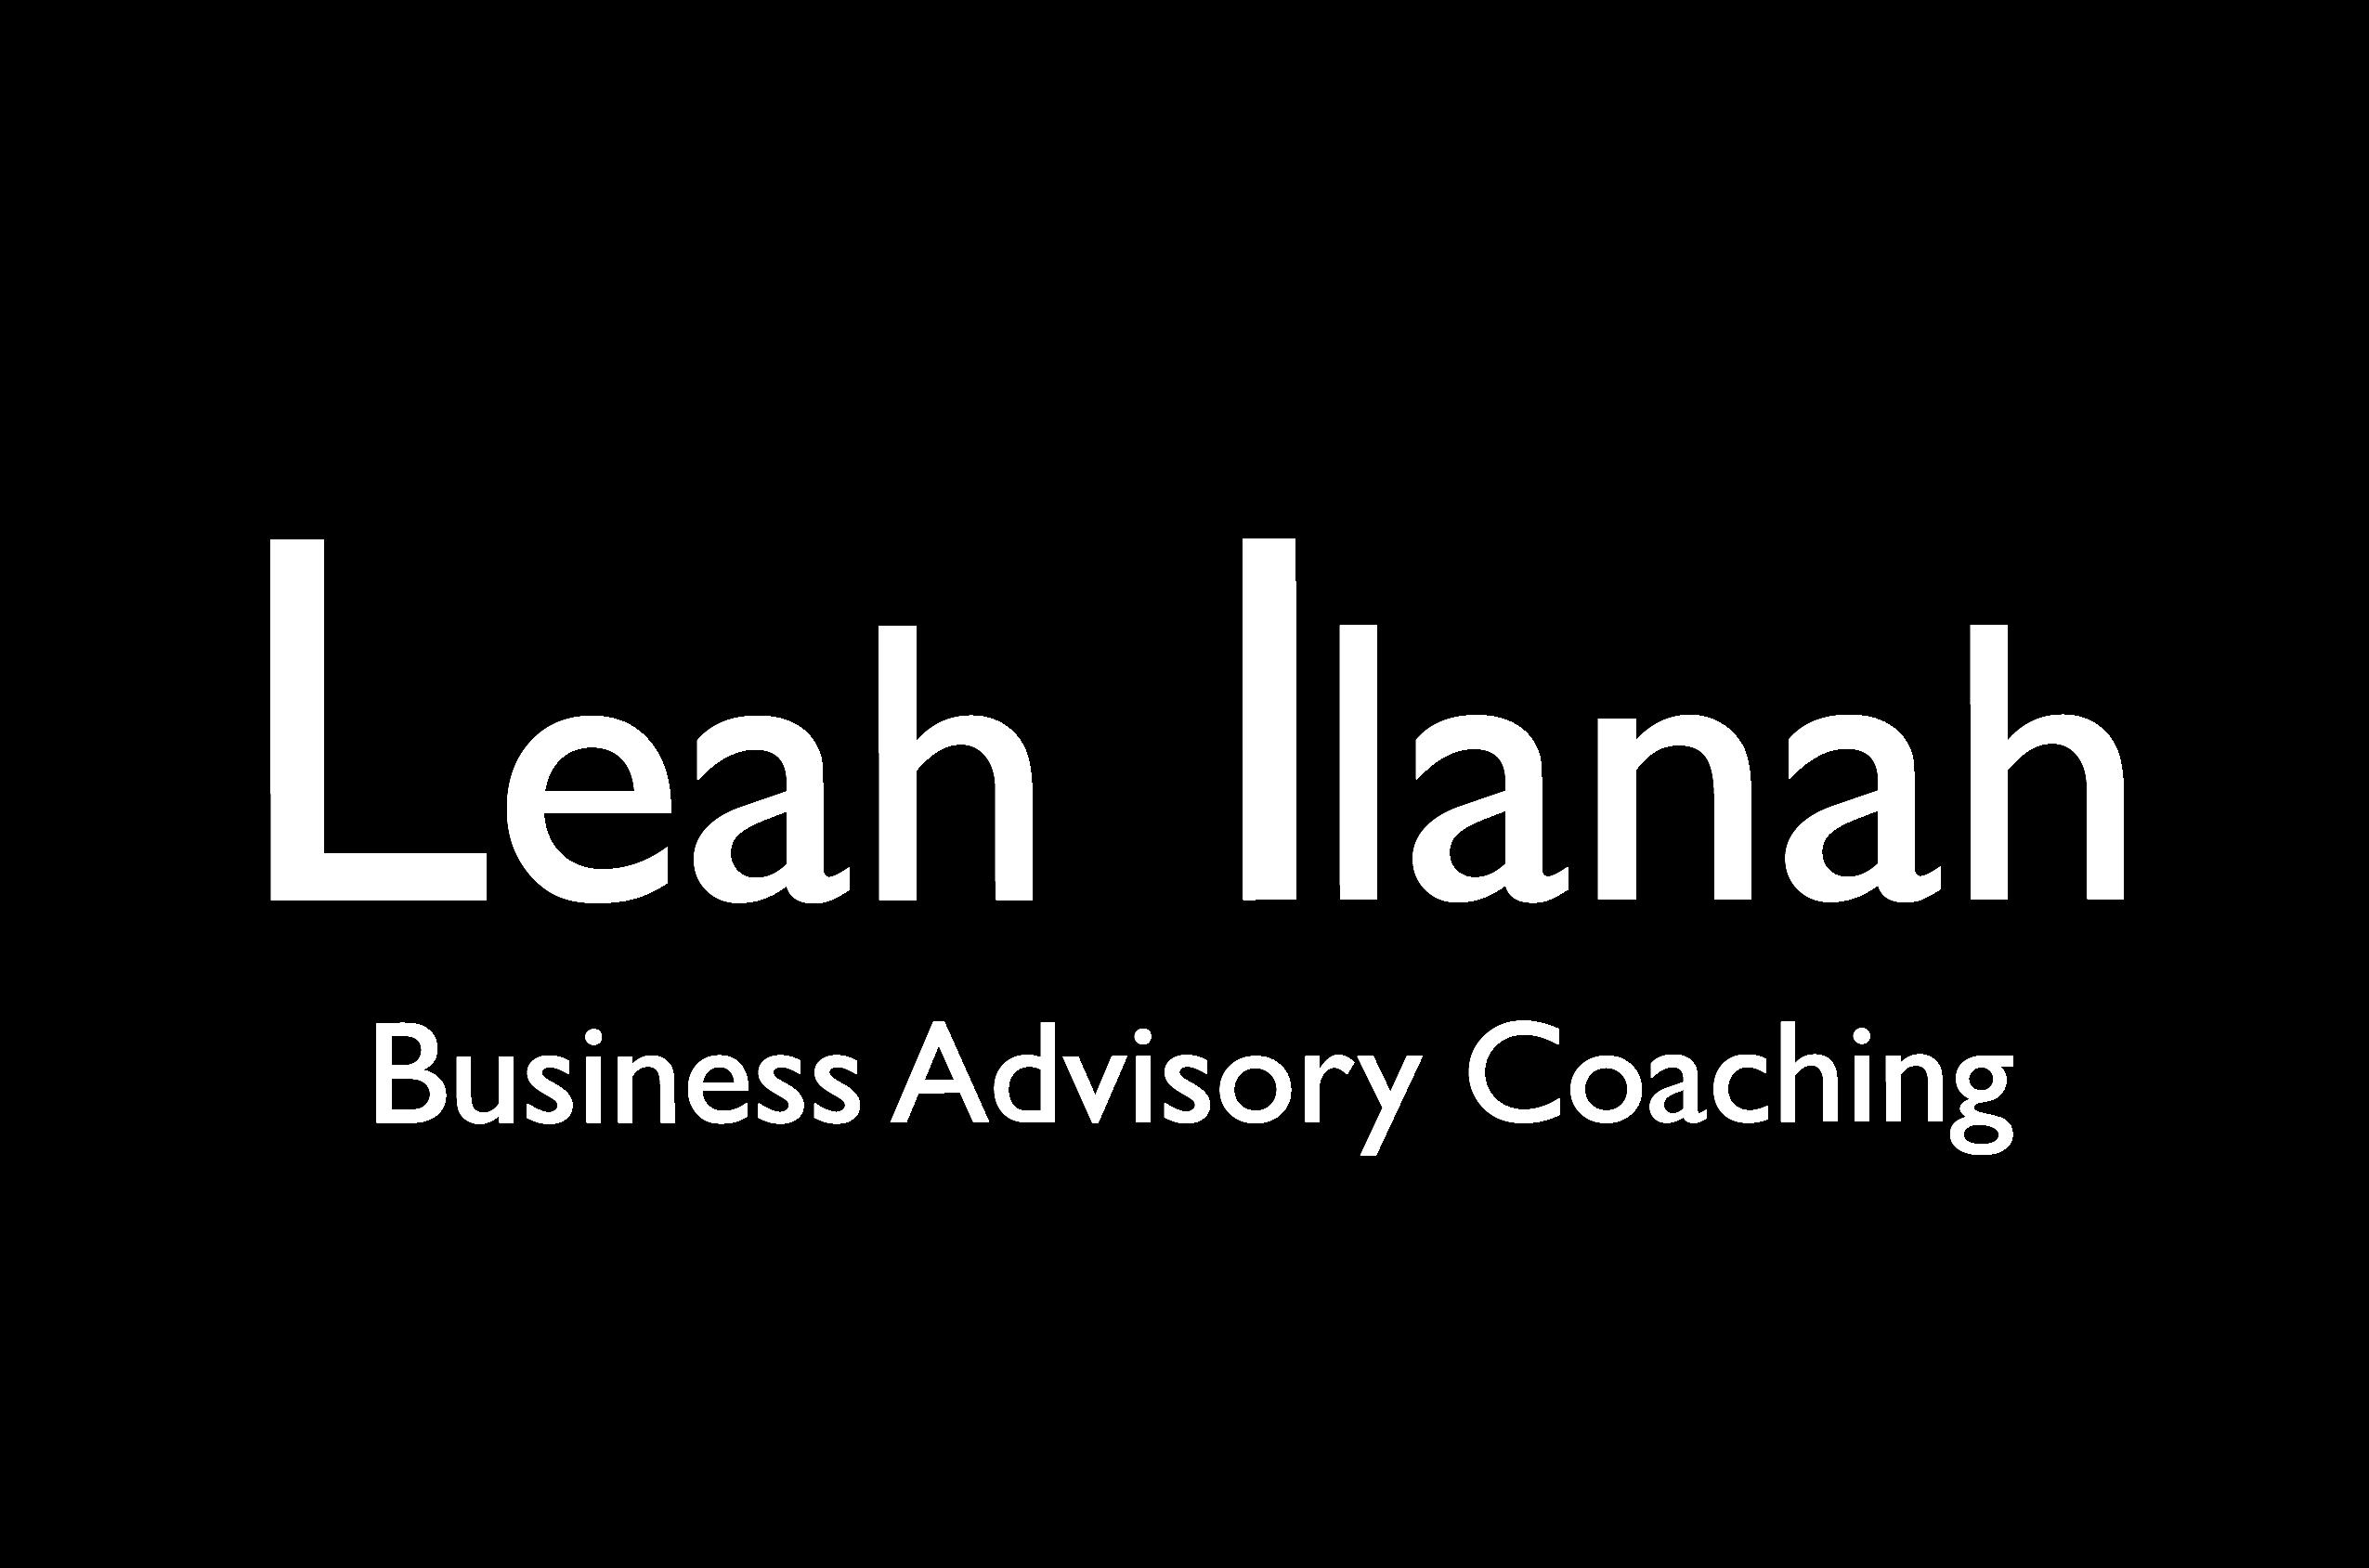 Leah Ilanah